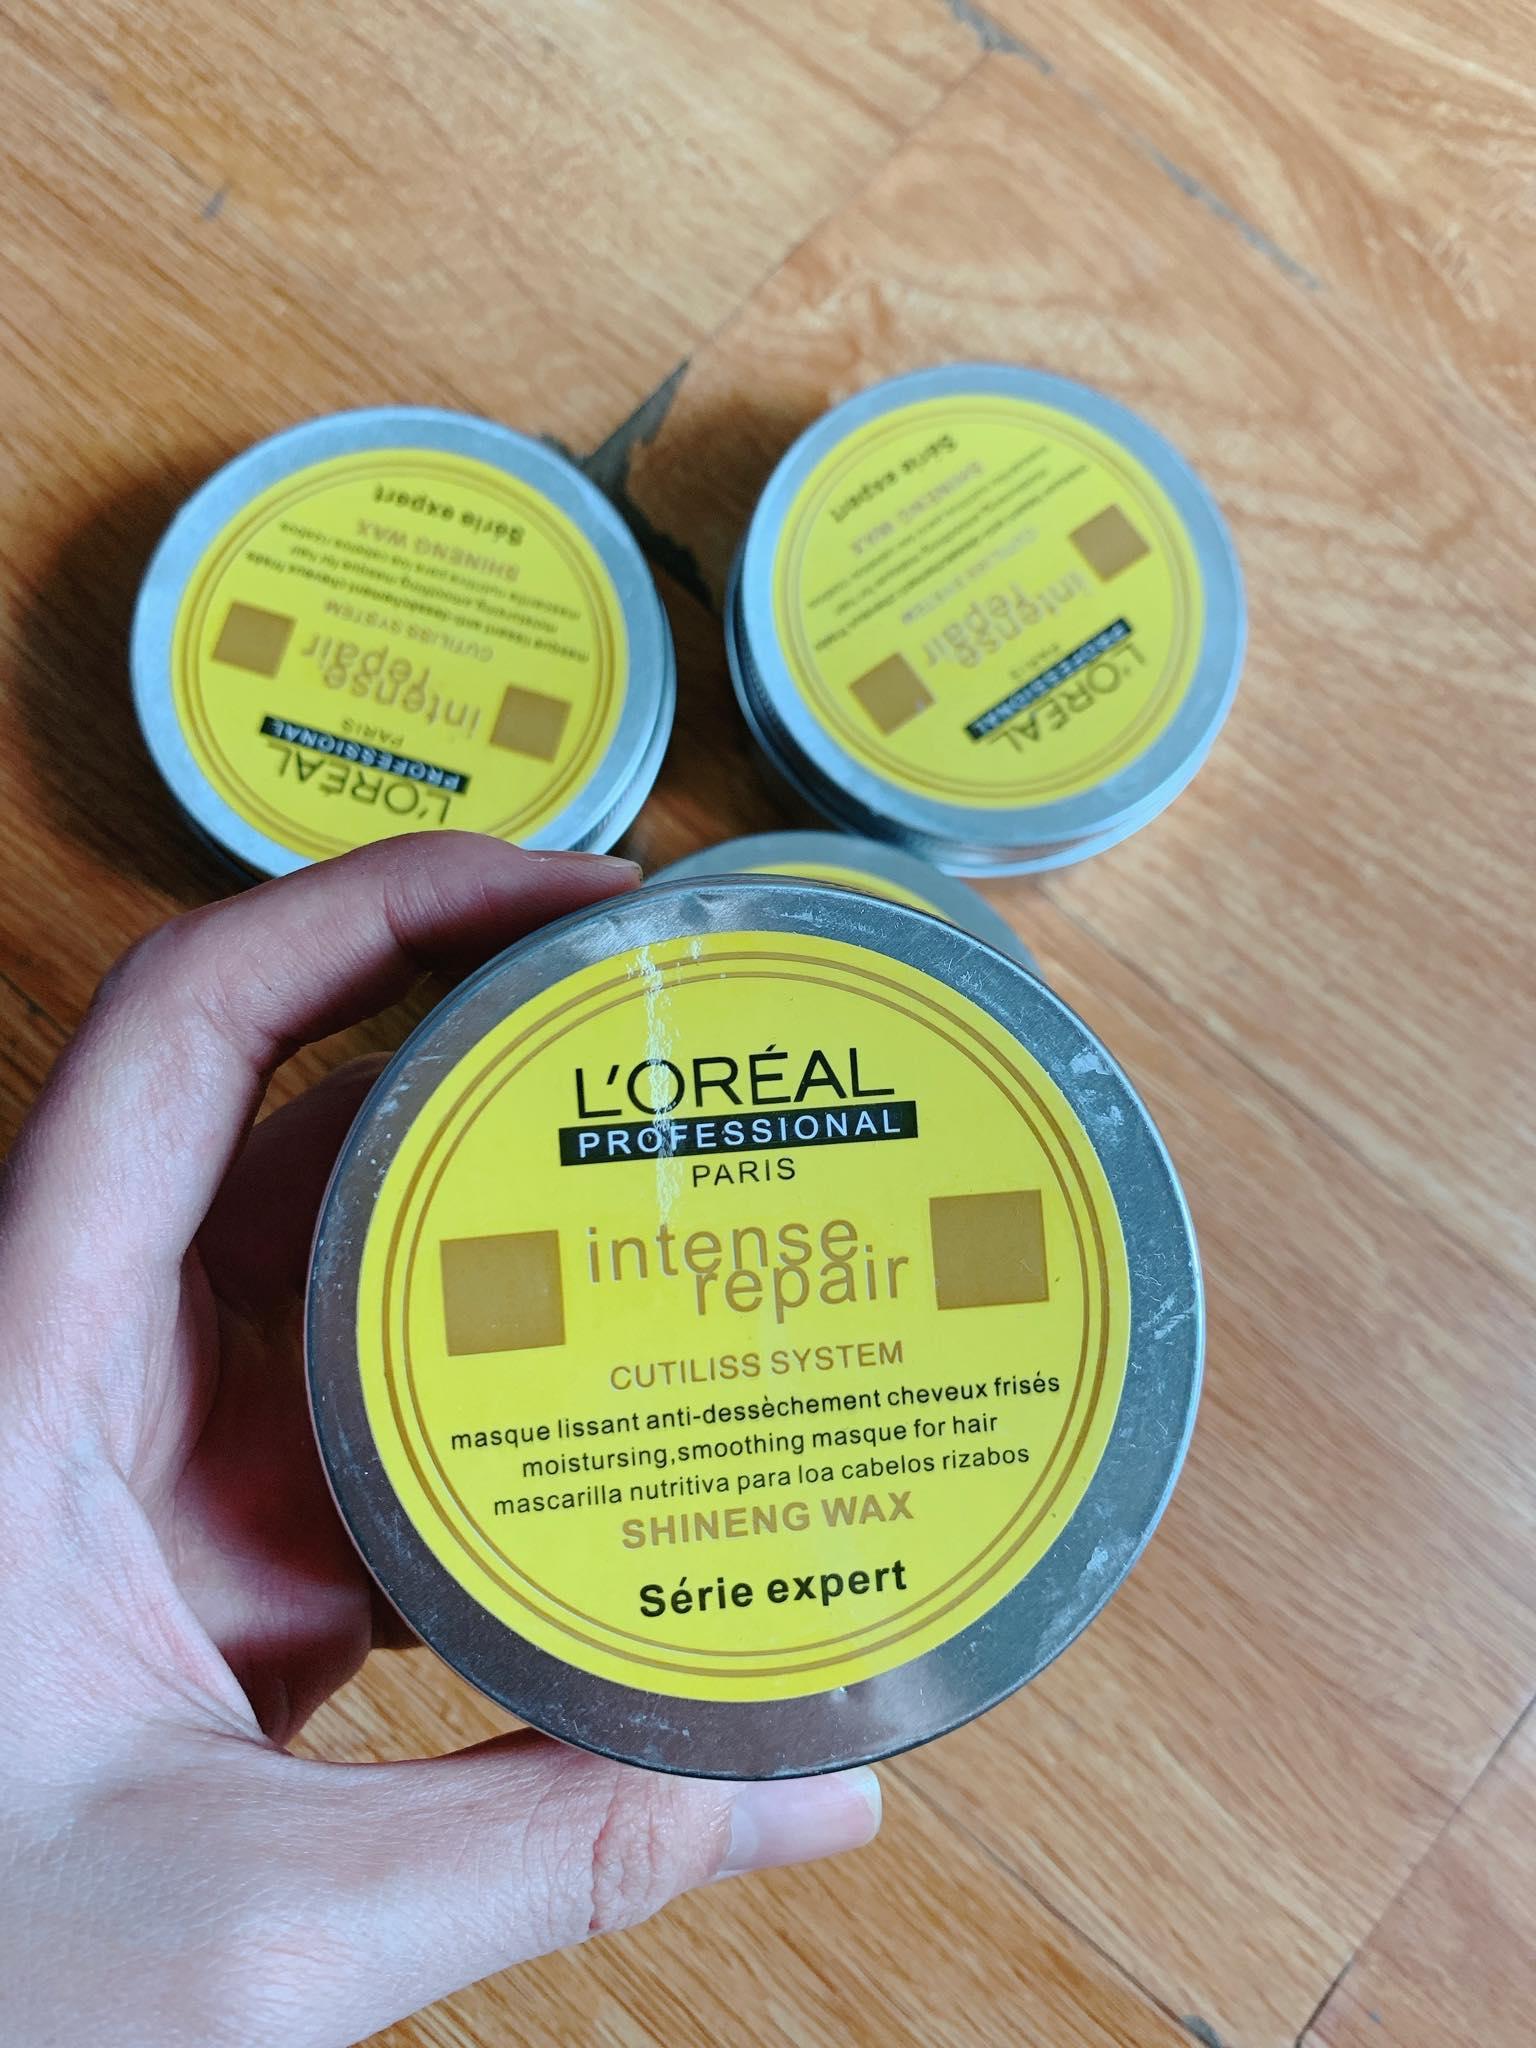 Sáp Wax tóc Loreal giá rẻ